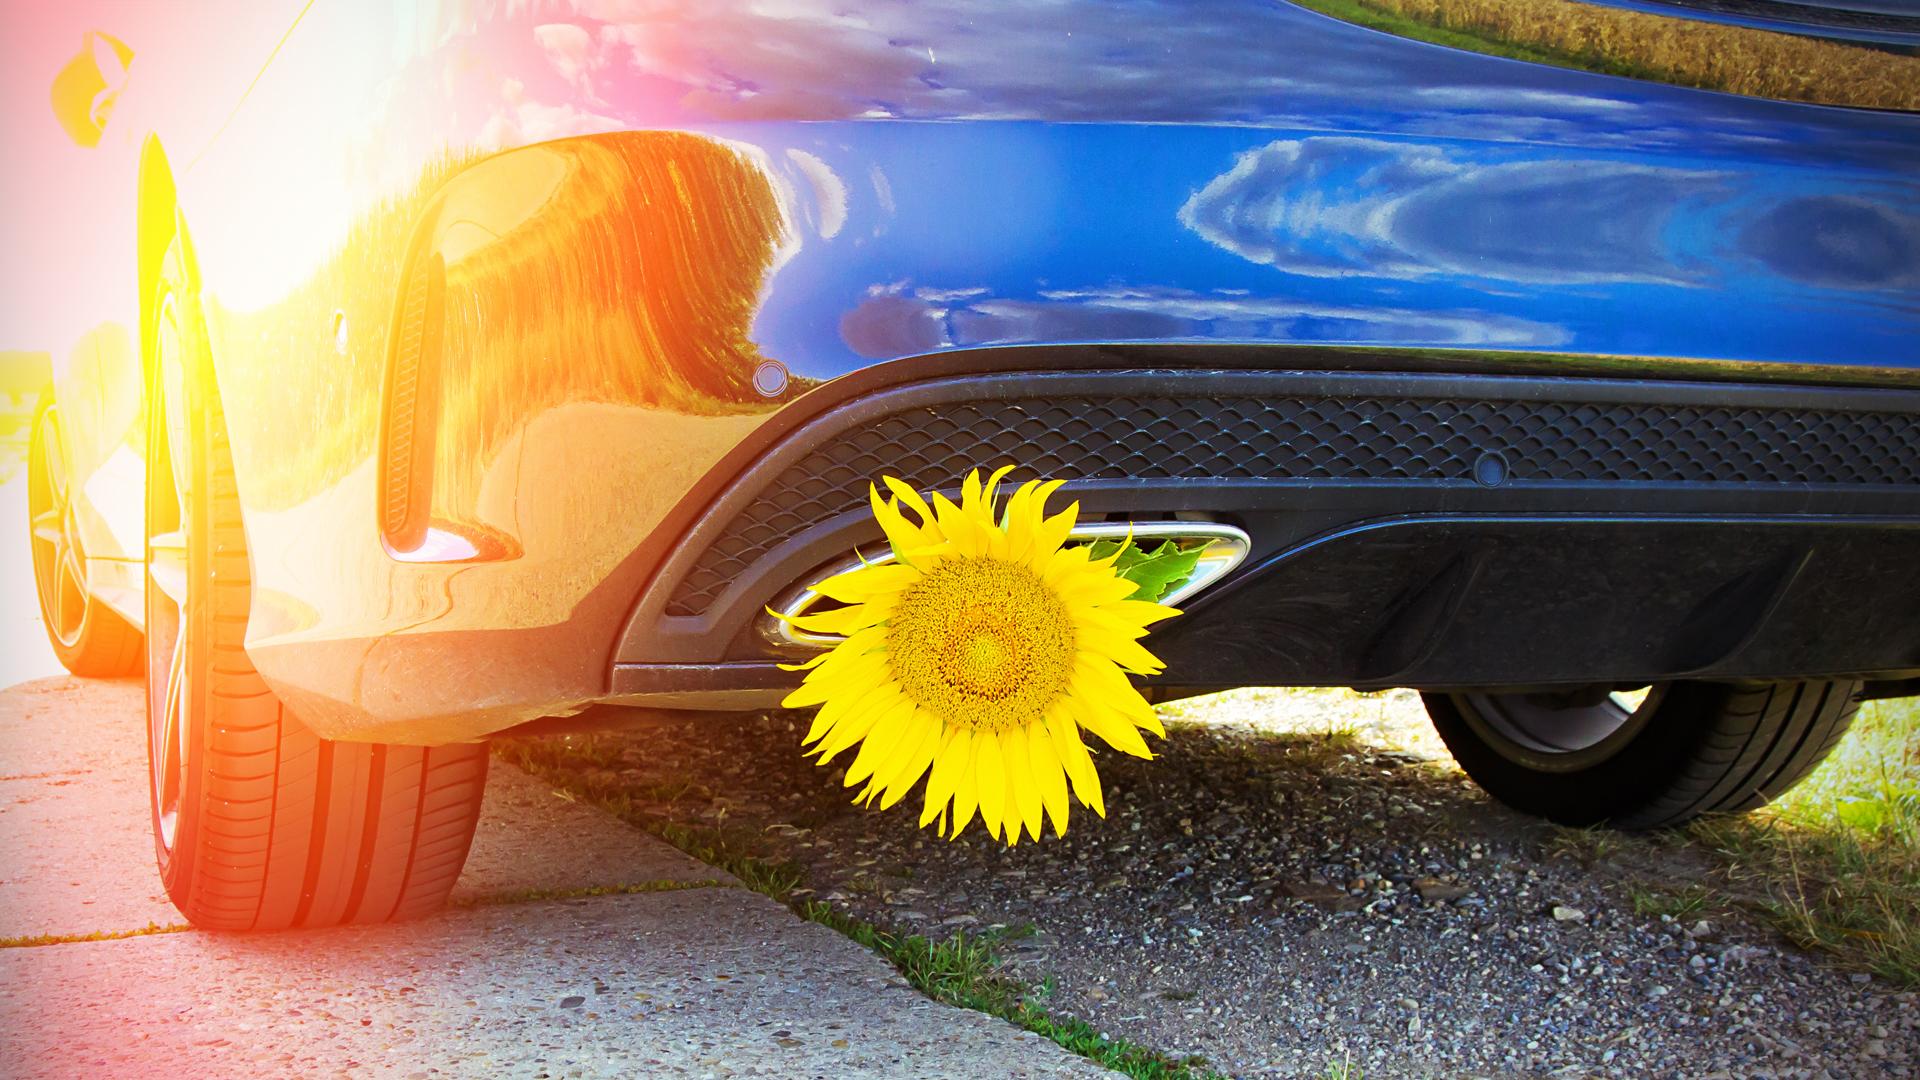 Los autos que se mueven alimentados por combustible fósil tienen fecha de vencimiento (iStock)